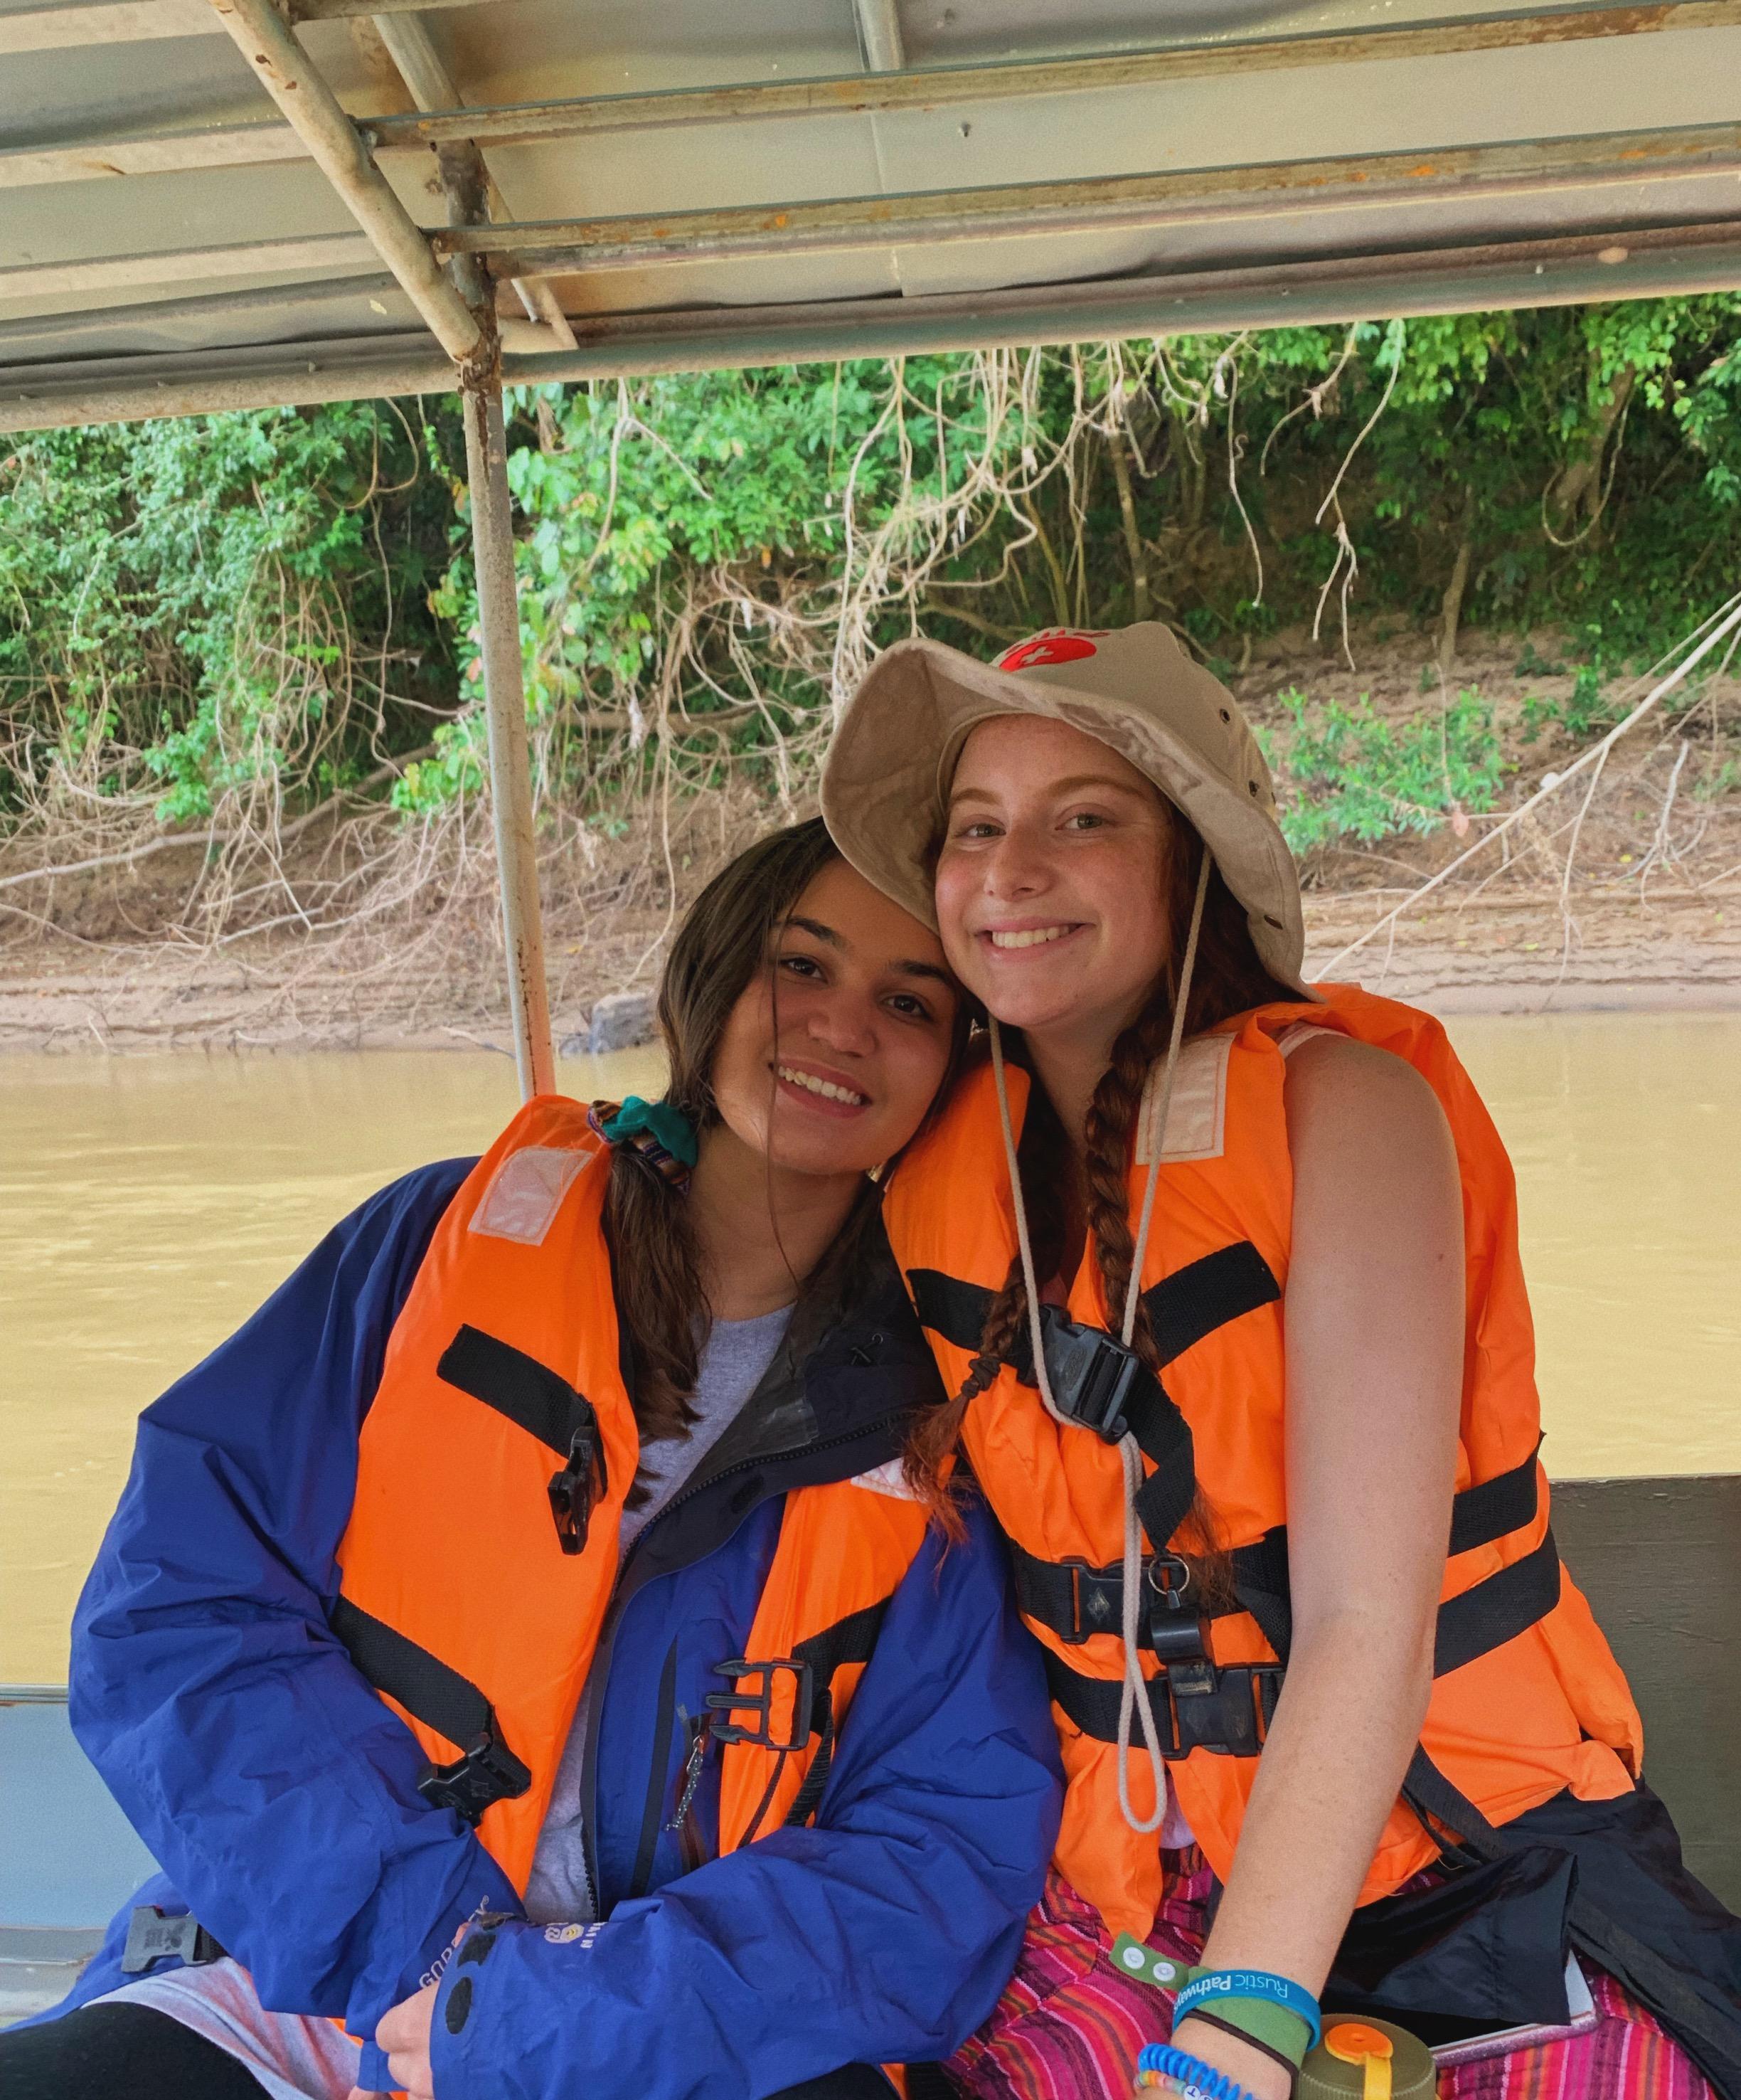 On the Las Piedras River in the Peruvian Amazon